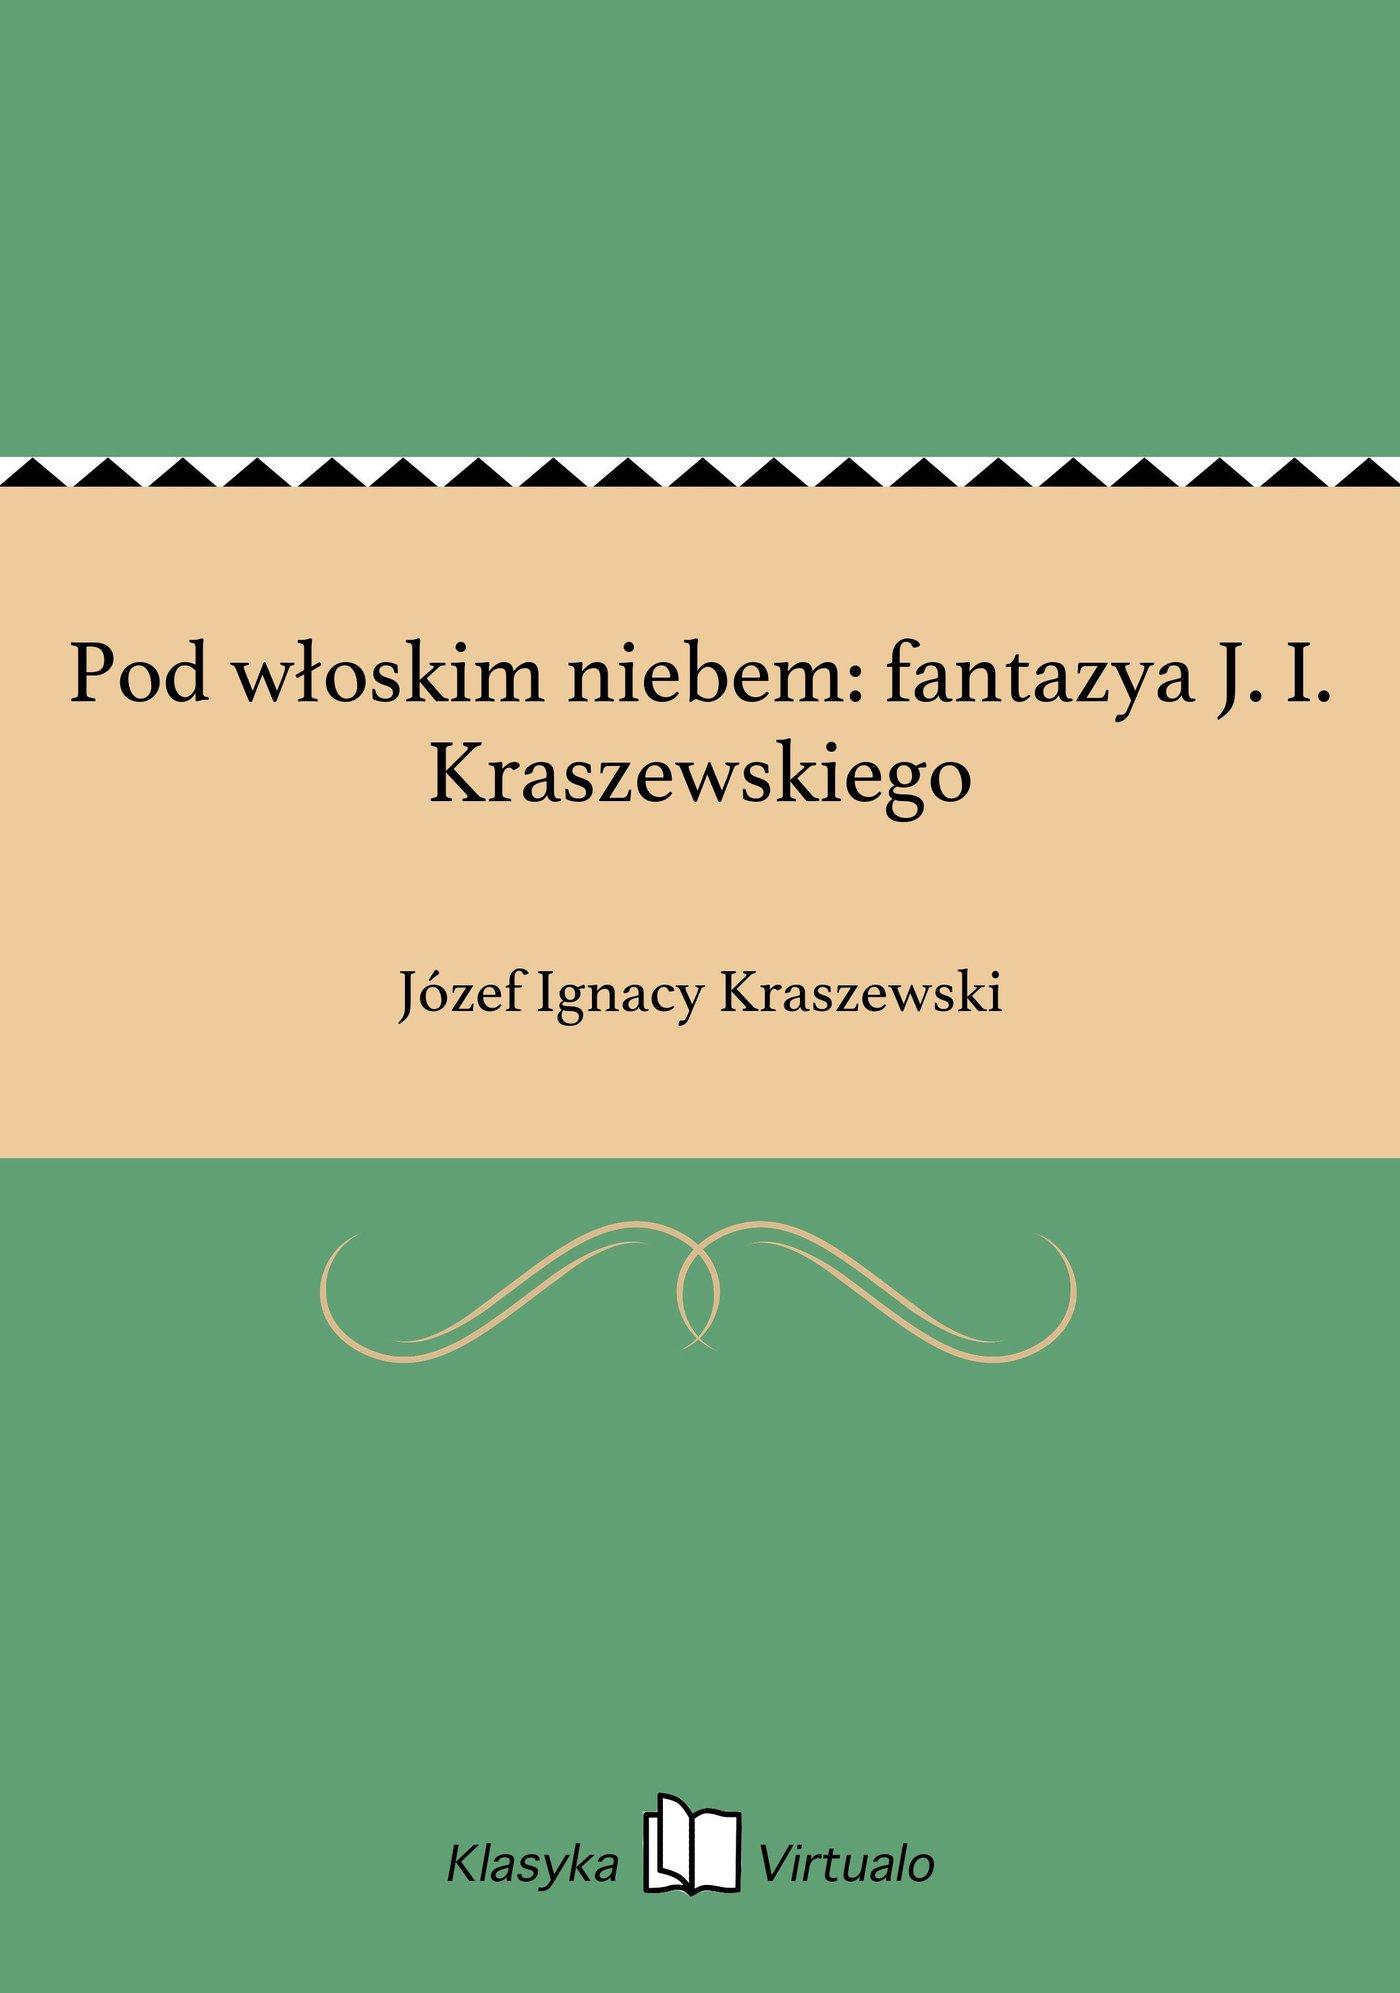 Pod włoskim niebem: fantazya J. I. Kraszewskiego - Ebook (Książka na Kindle) do pobrania w formacie MOBI